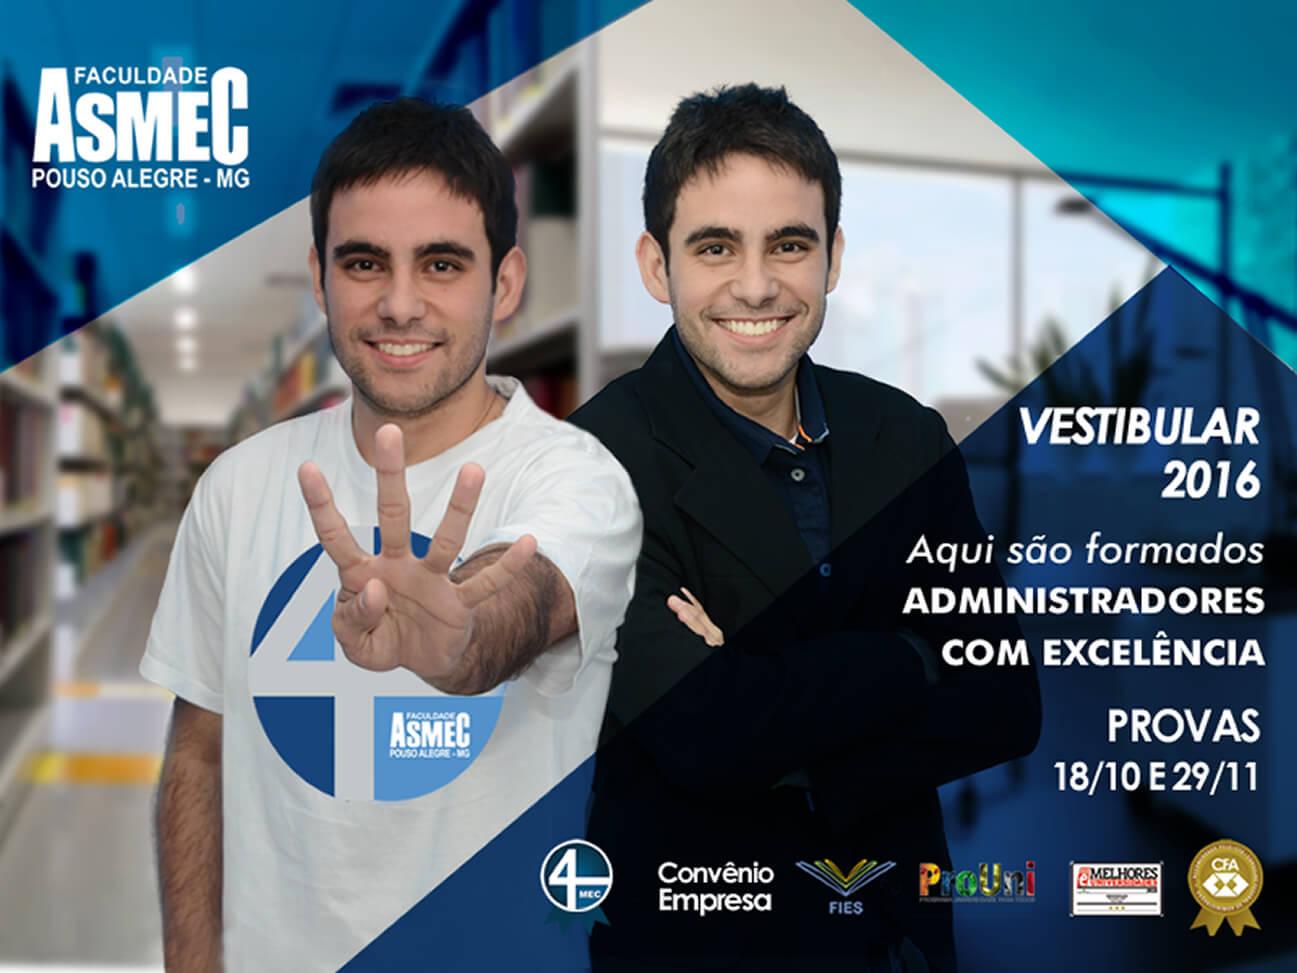 Vestibular 2015 Asmec Pouso Alegre. Imagem: Divulgação